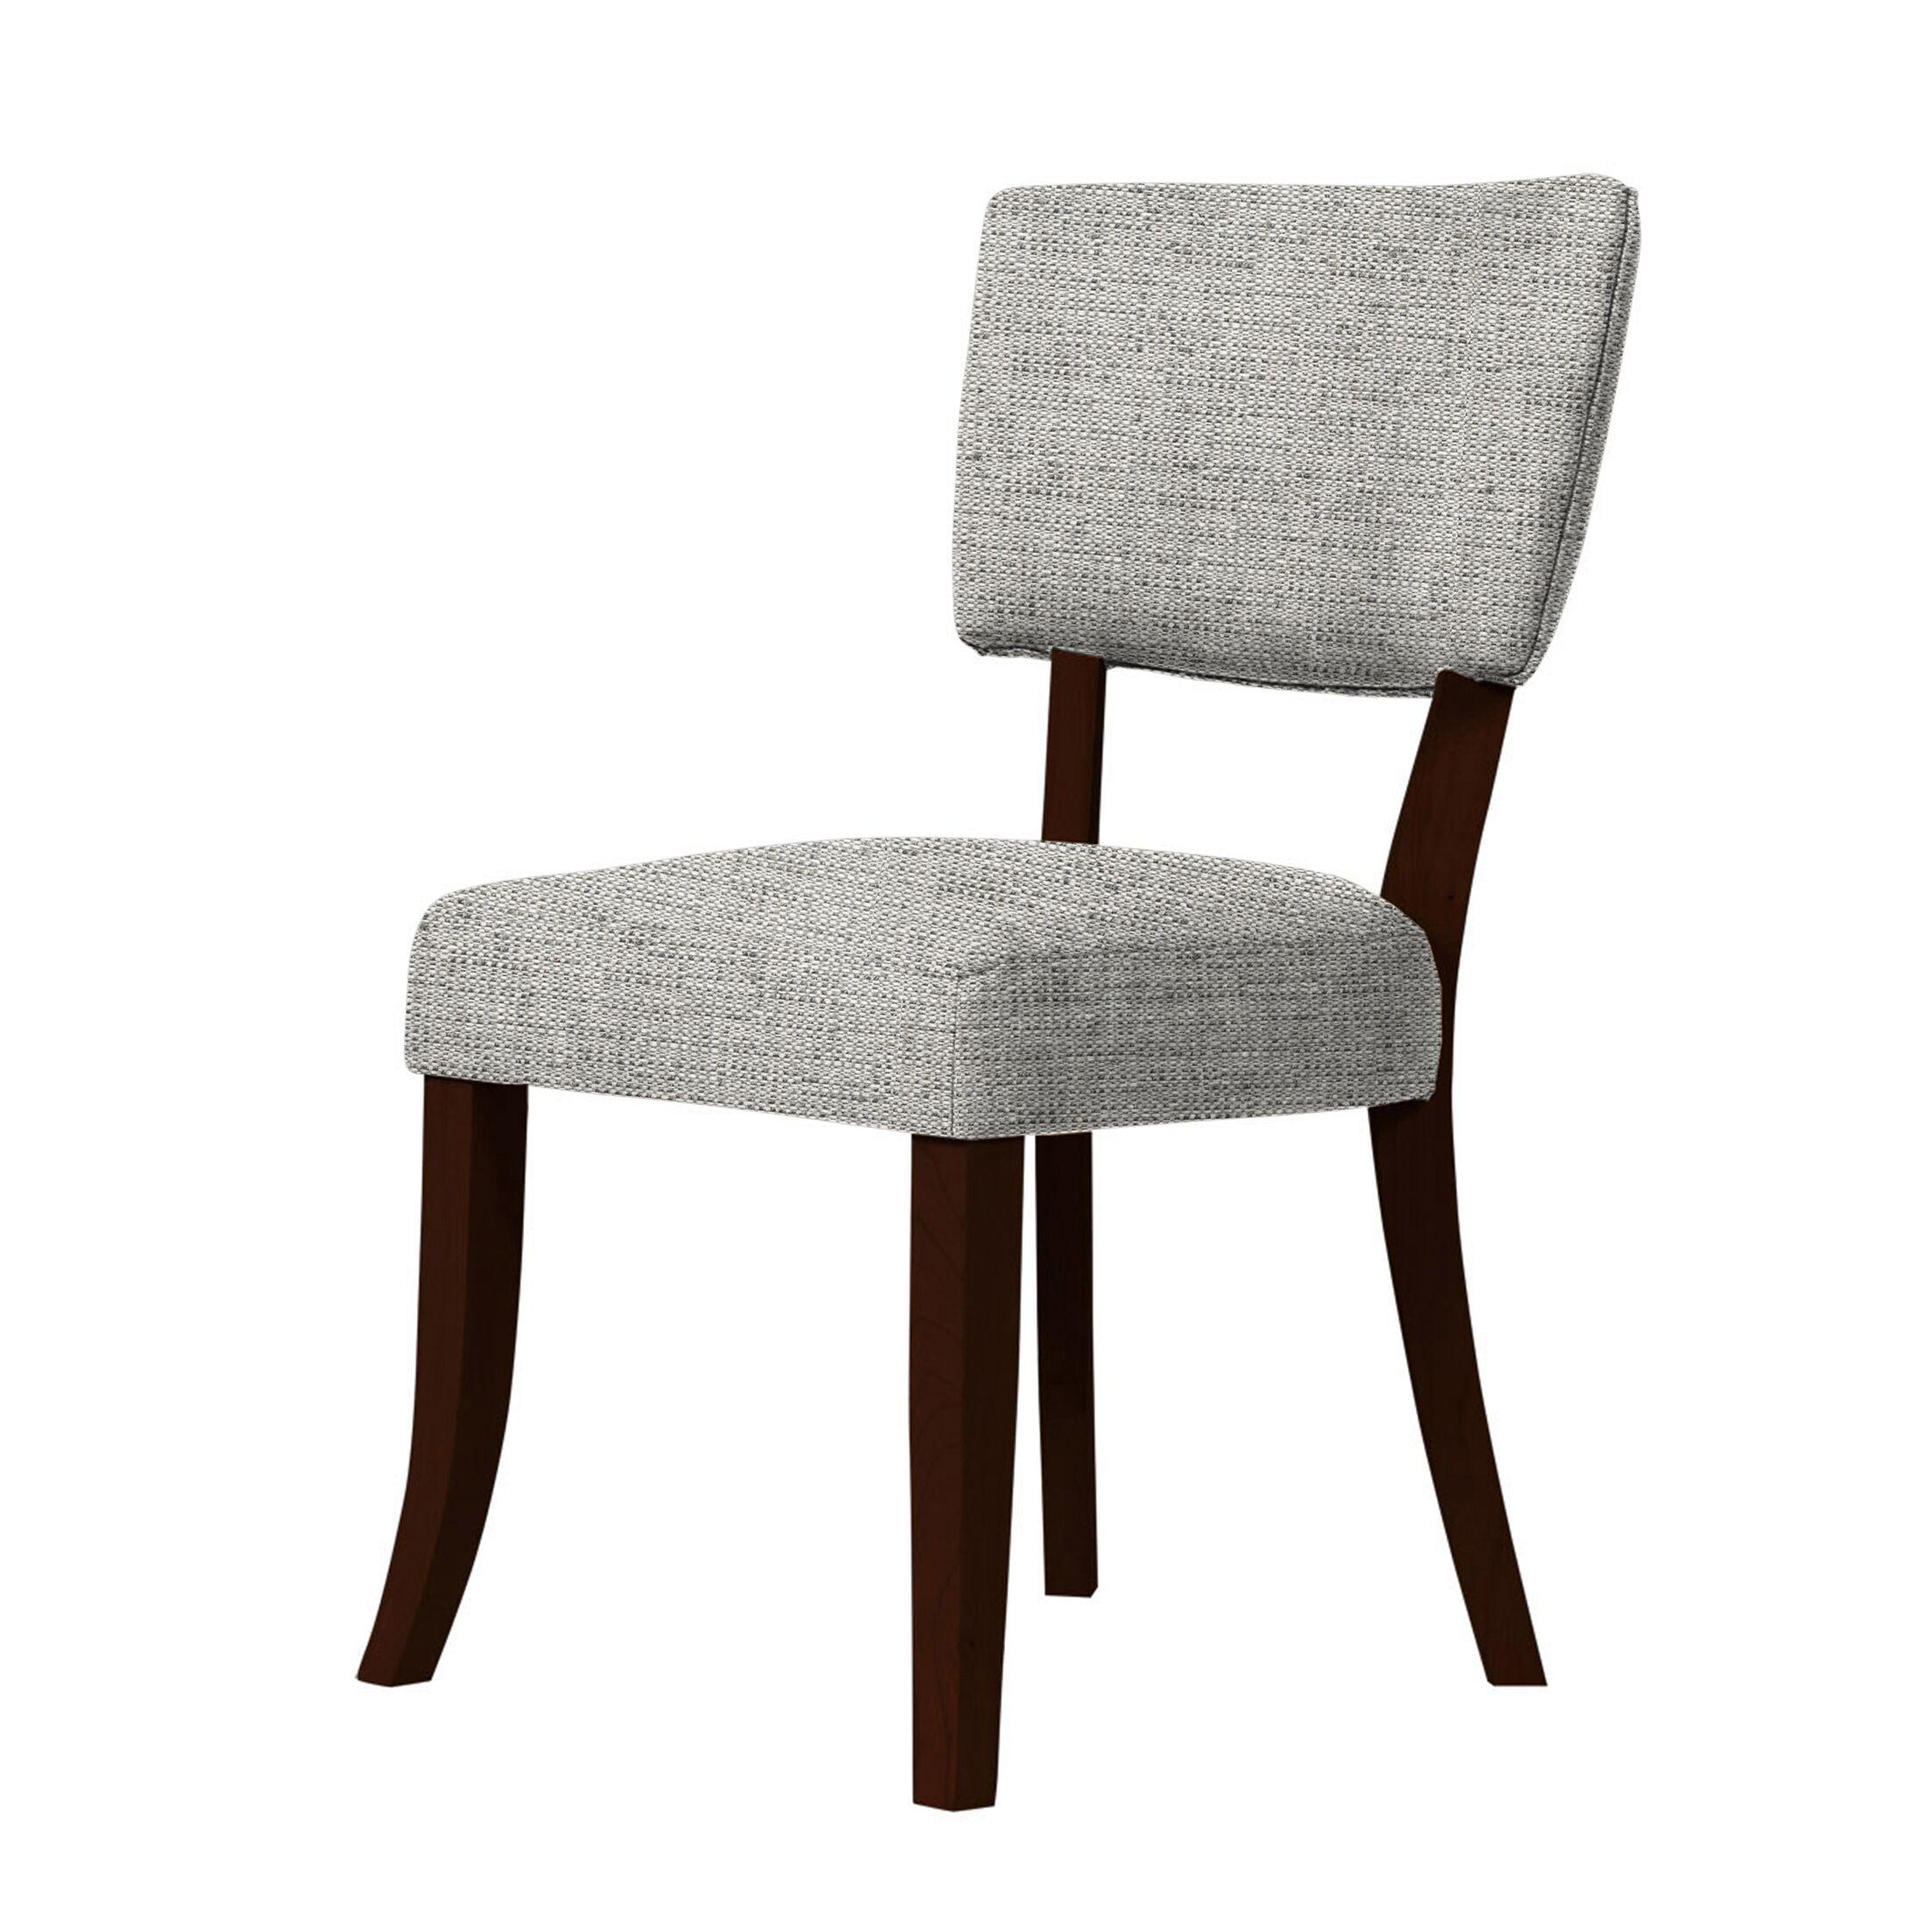 Larochelle Side Chair Upholstery: Light Gray